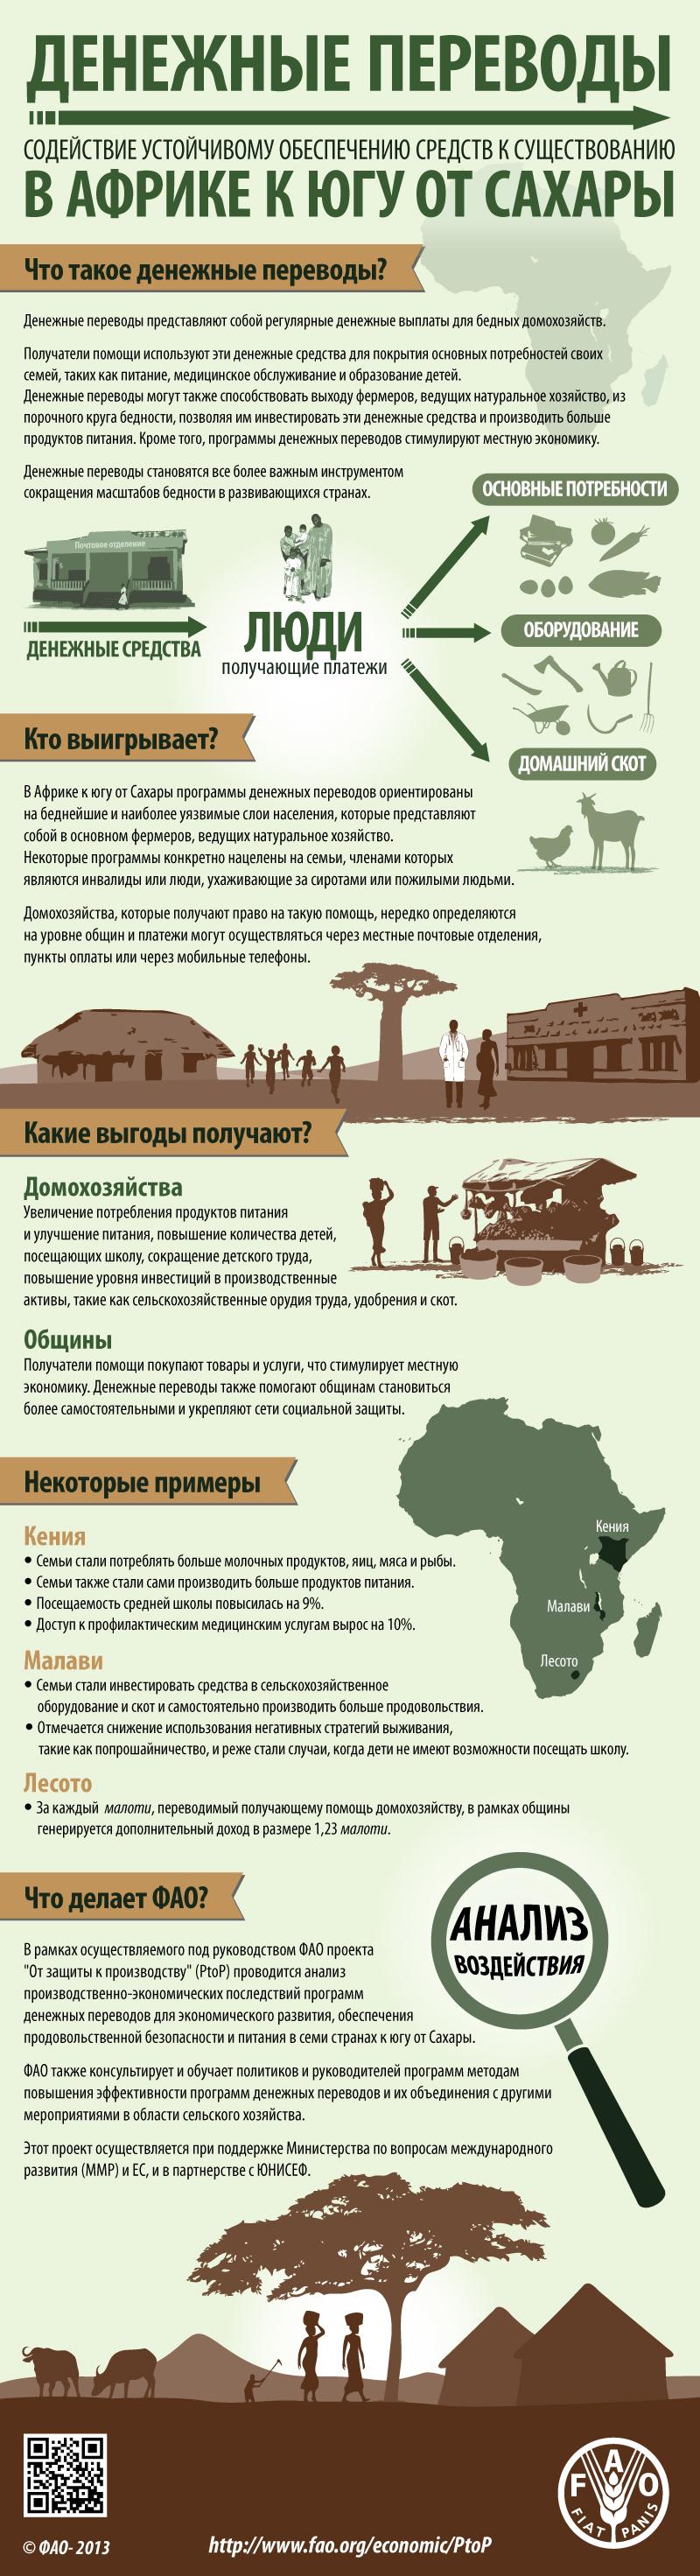 Cash_ru.jpg